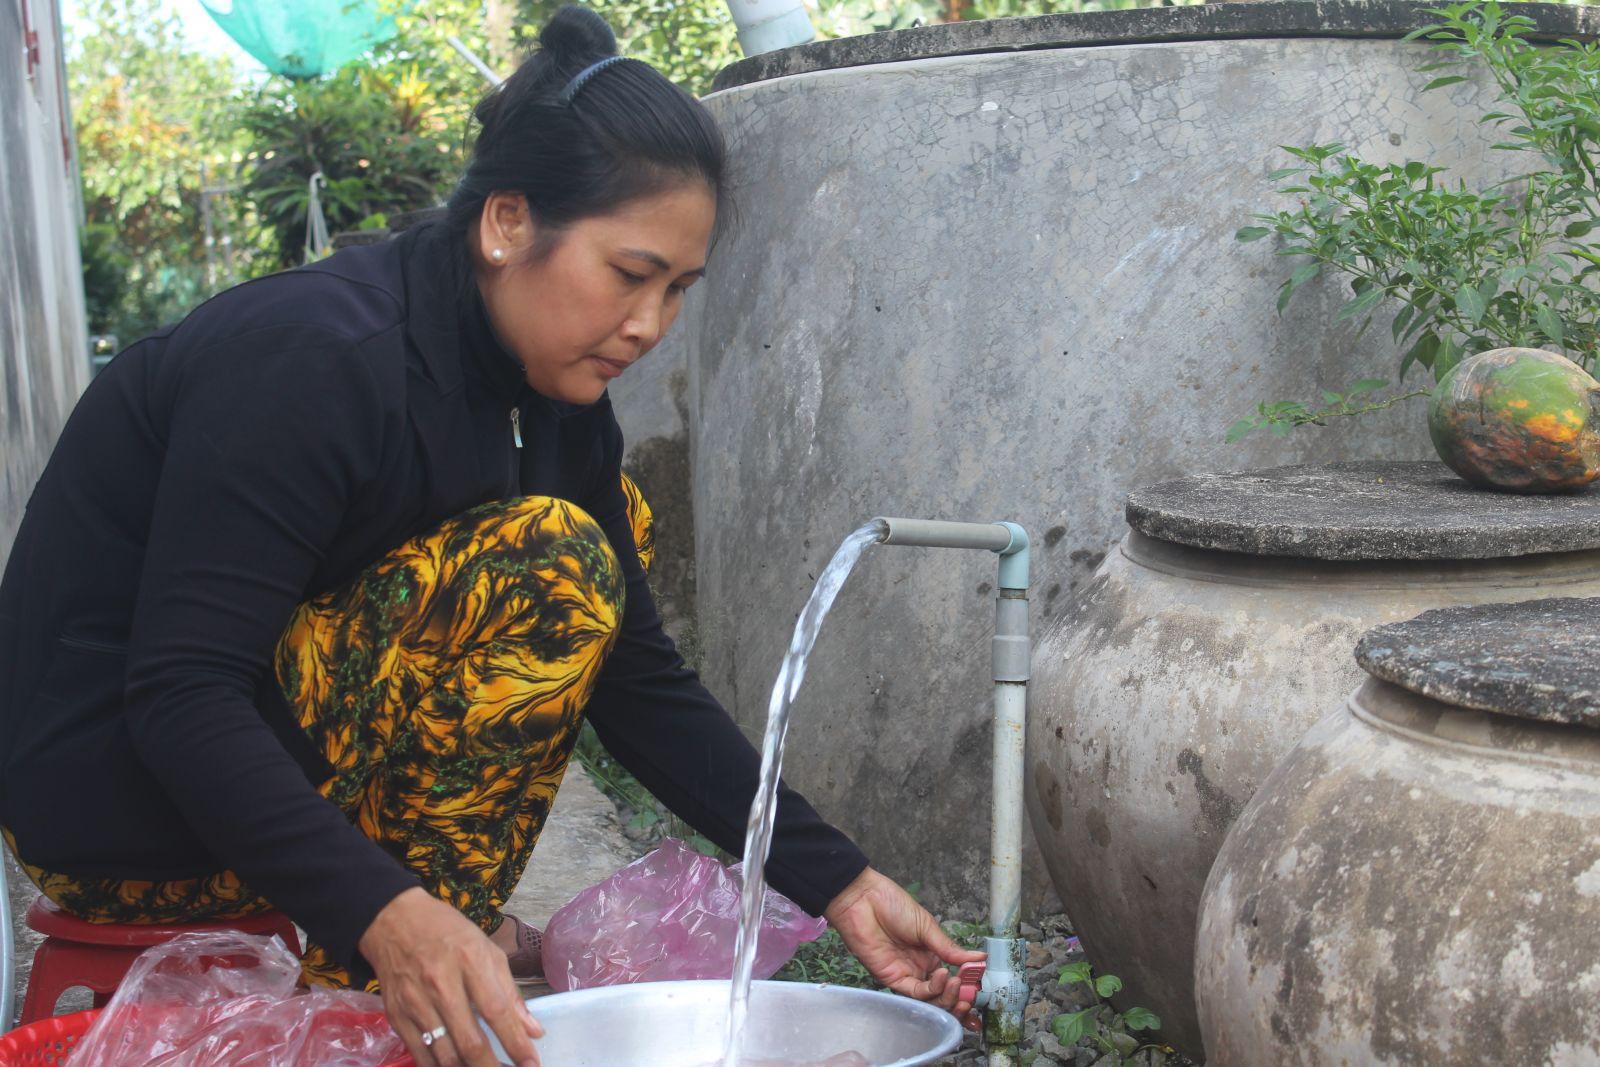 Bà Phạm Thị Oanh vui mừng khi có nước sạch sử dụng vào mùa khô